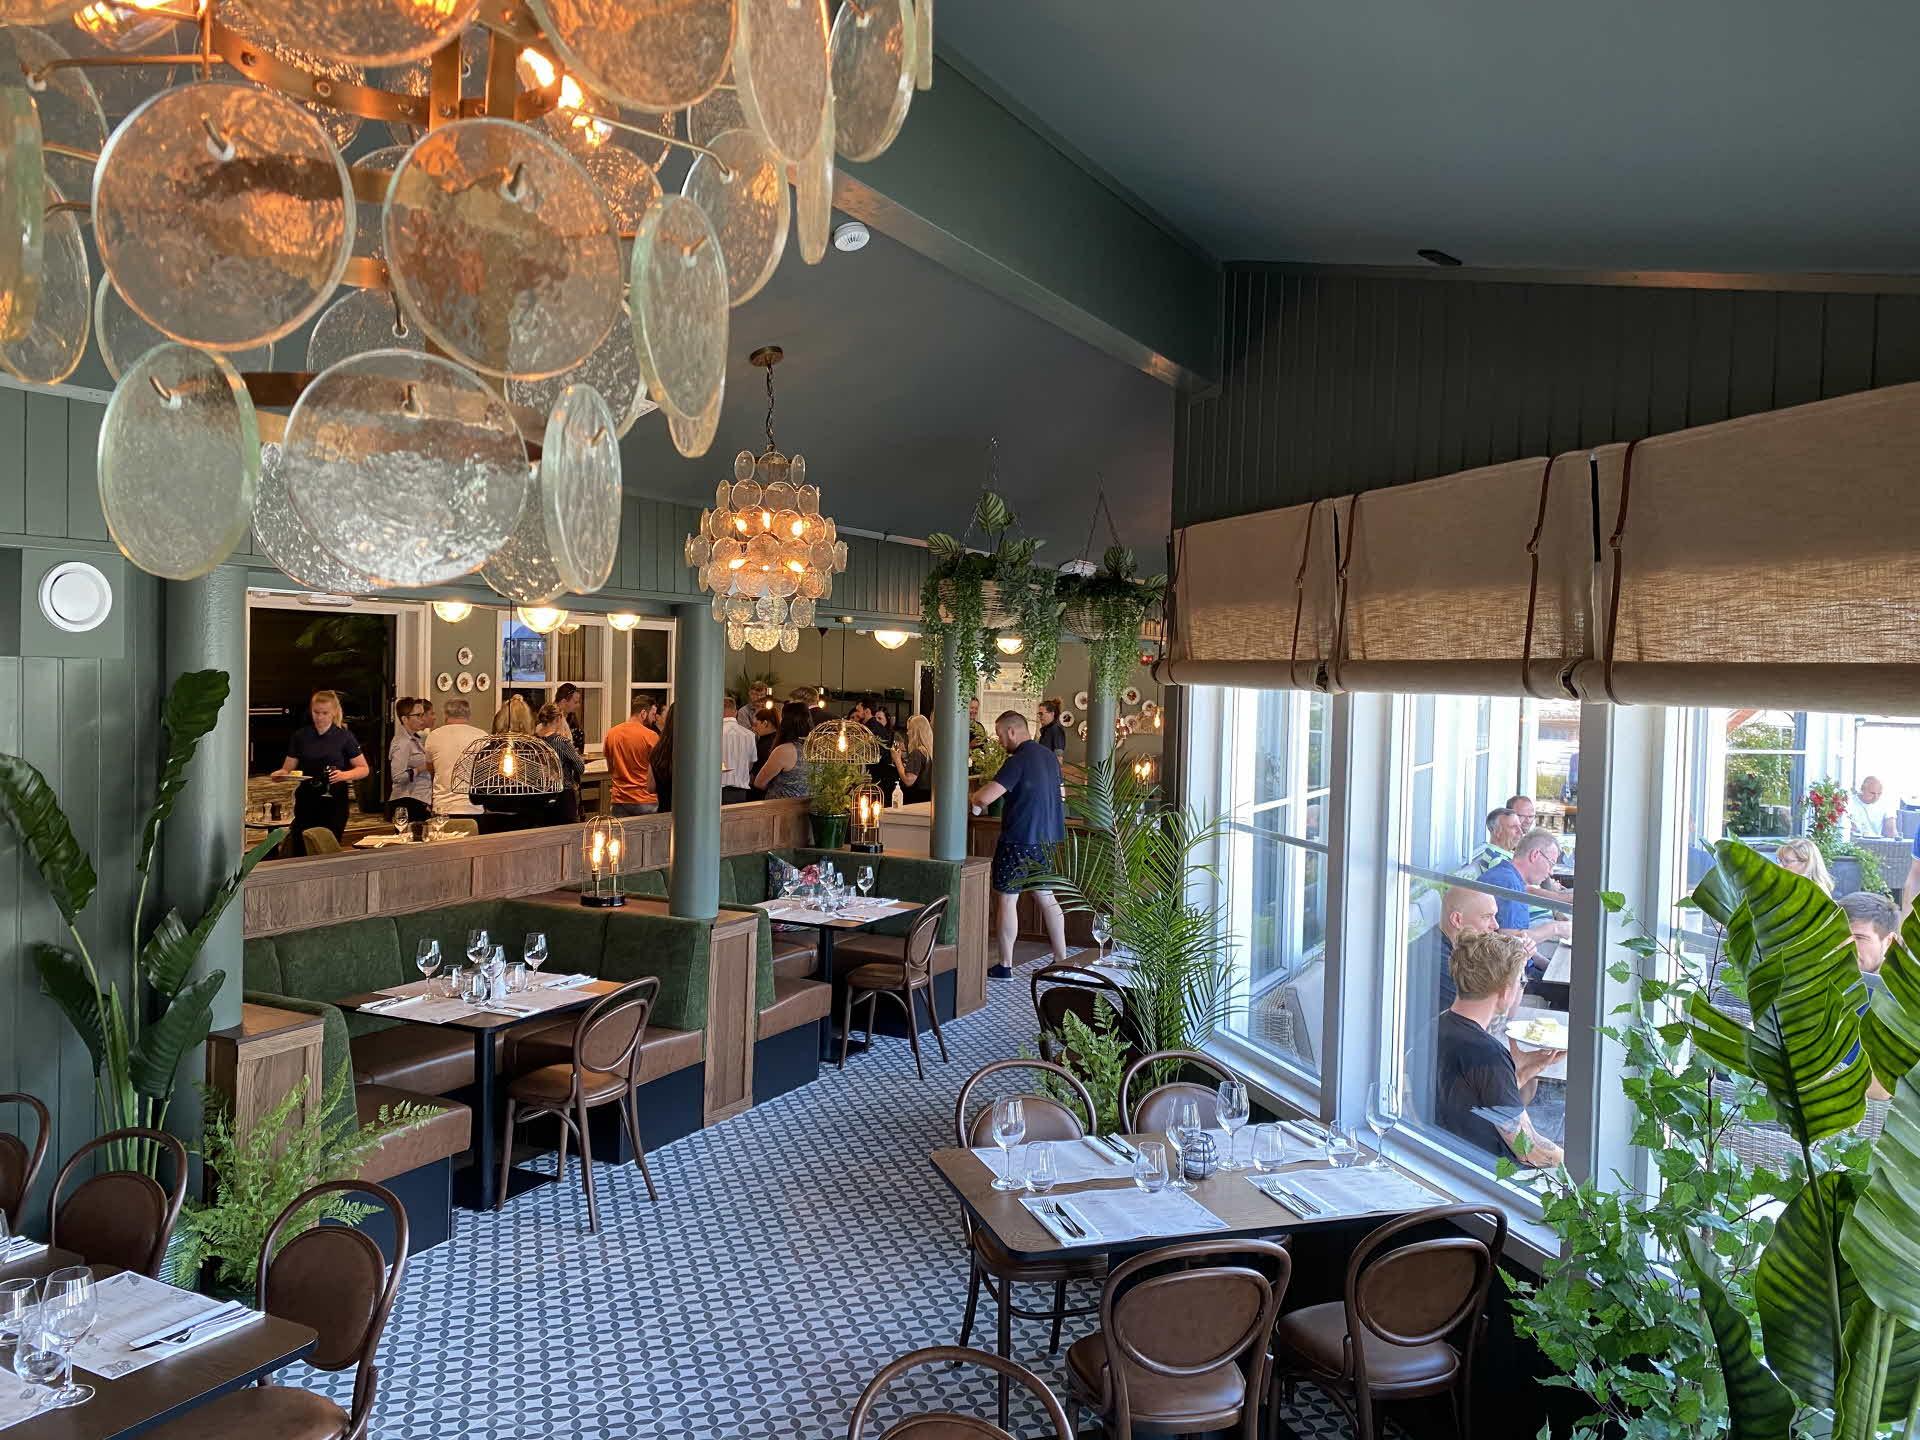 Bilde fra innsiden av botique-style restauranten i Hotel Aurlandsfjord hvor man ser folk hygger seg inne og ute på terrassen